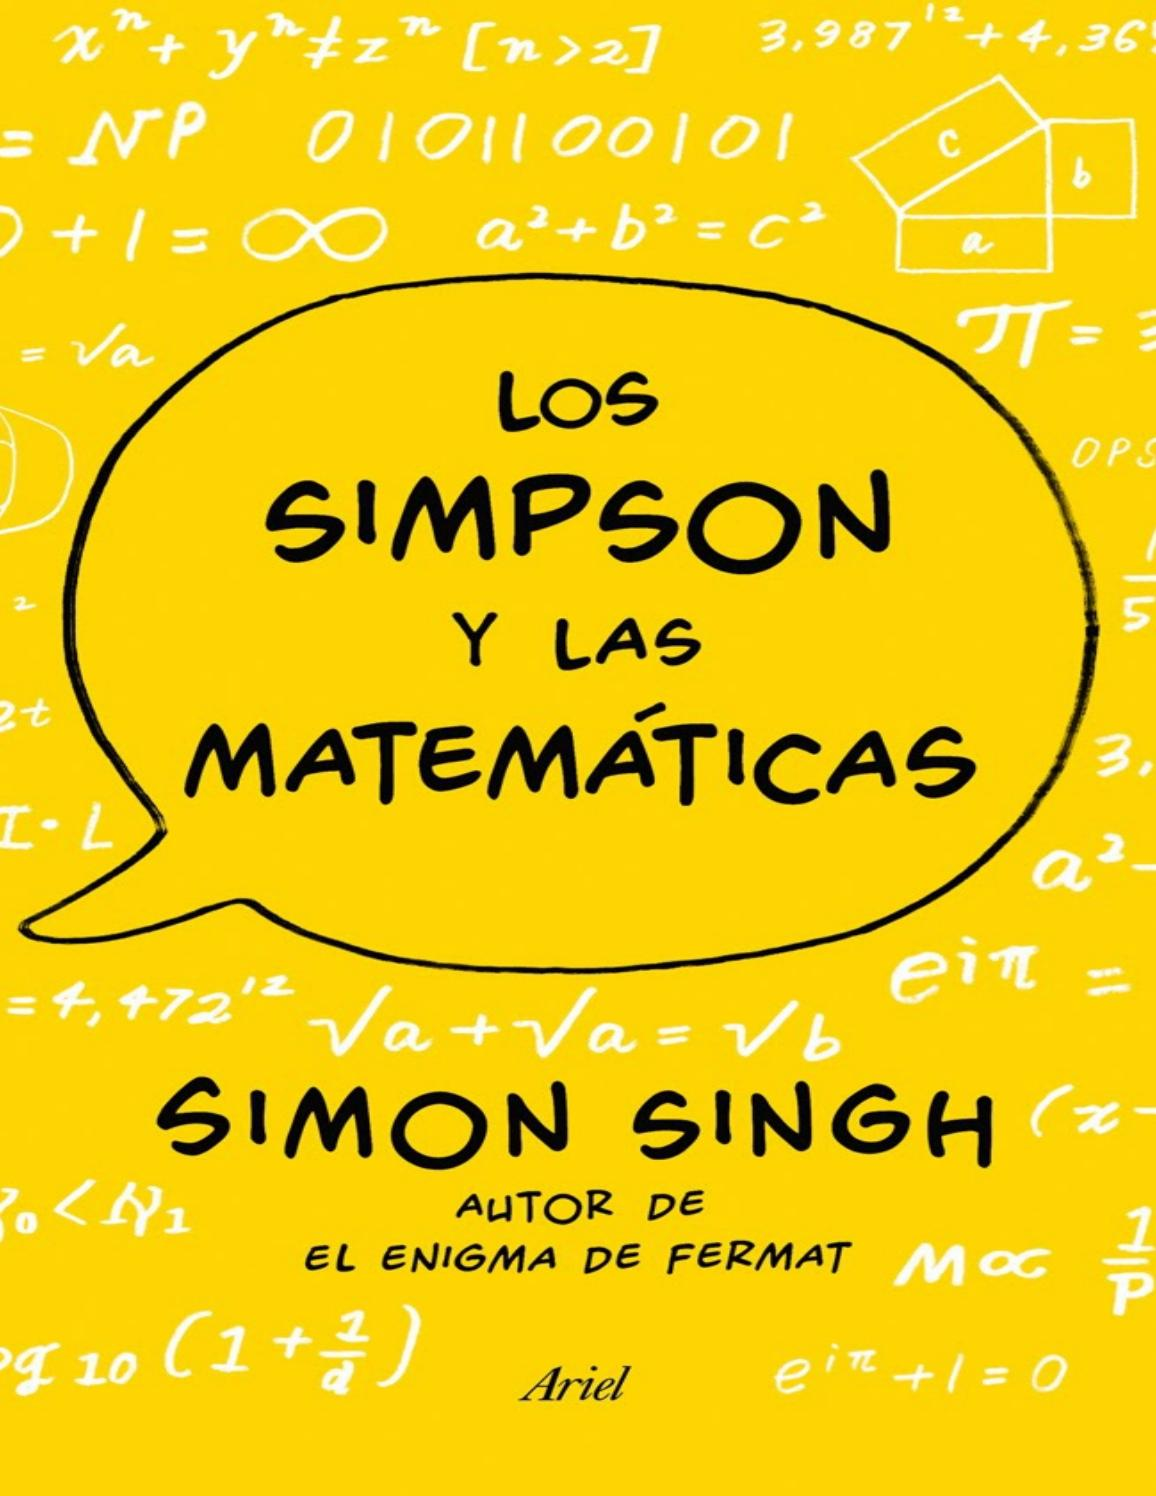 Los Simpson Y Las Matematicas By Marco Antonio Rodriguez Issuu